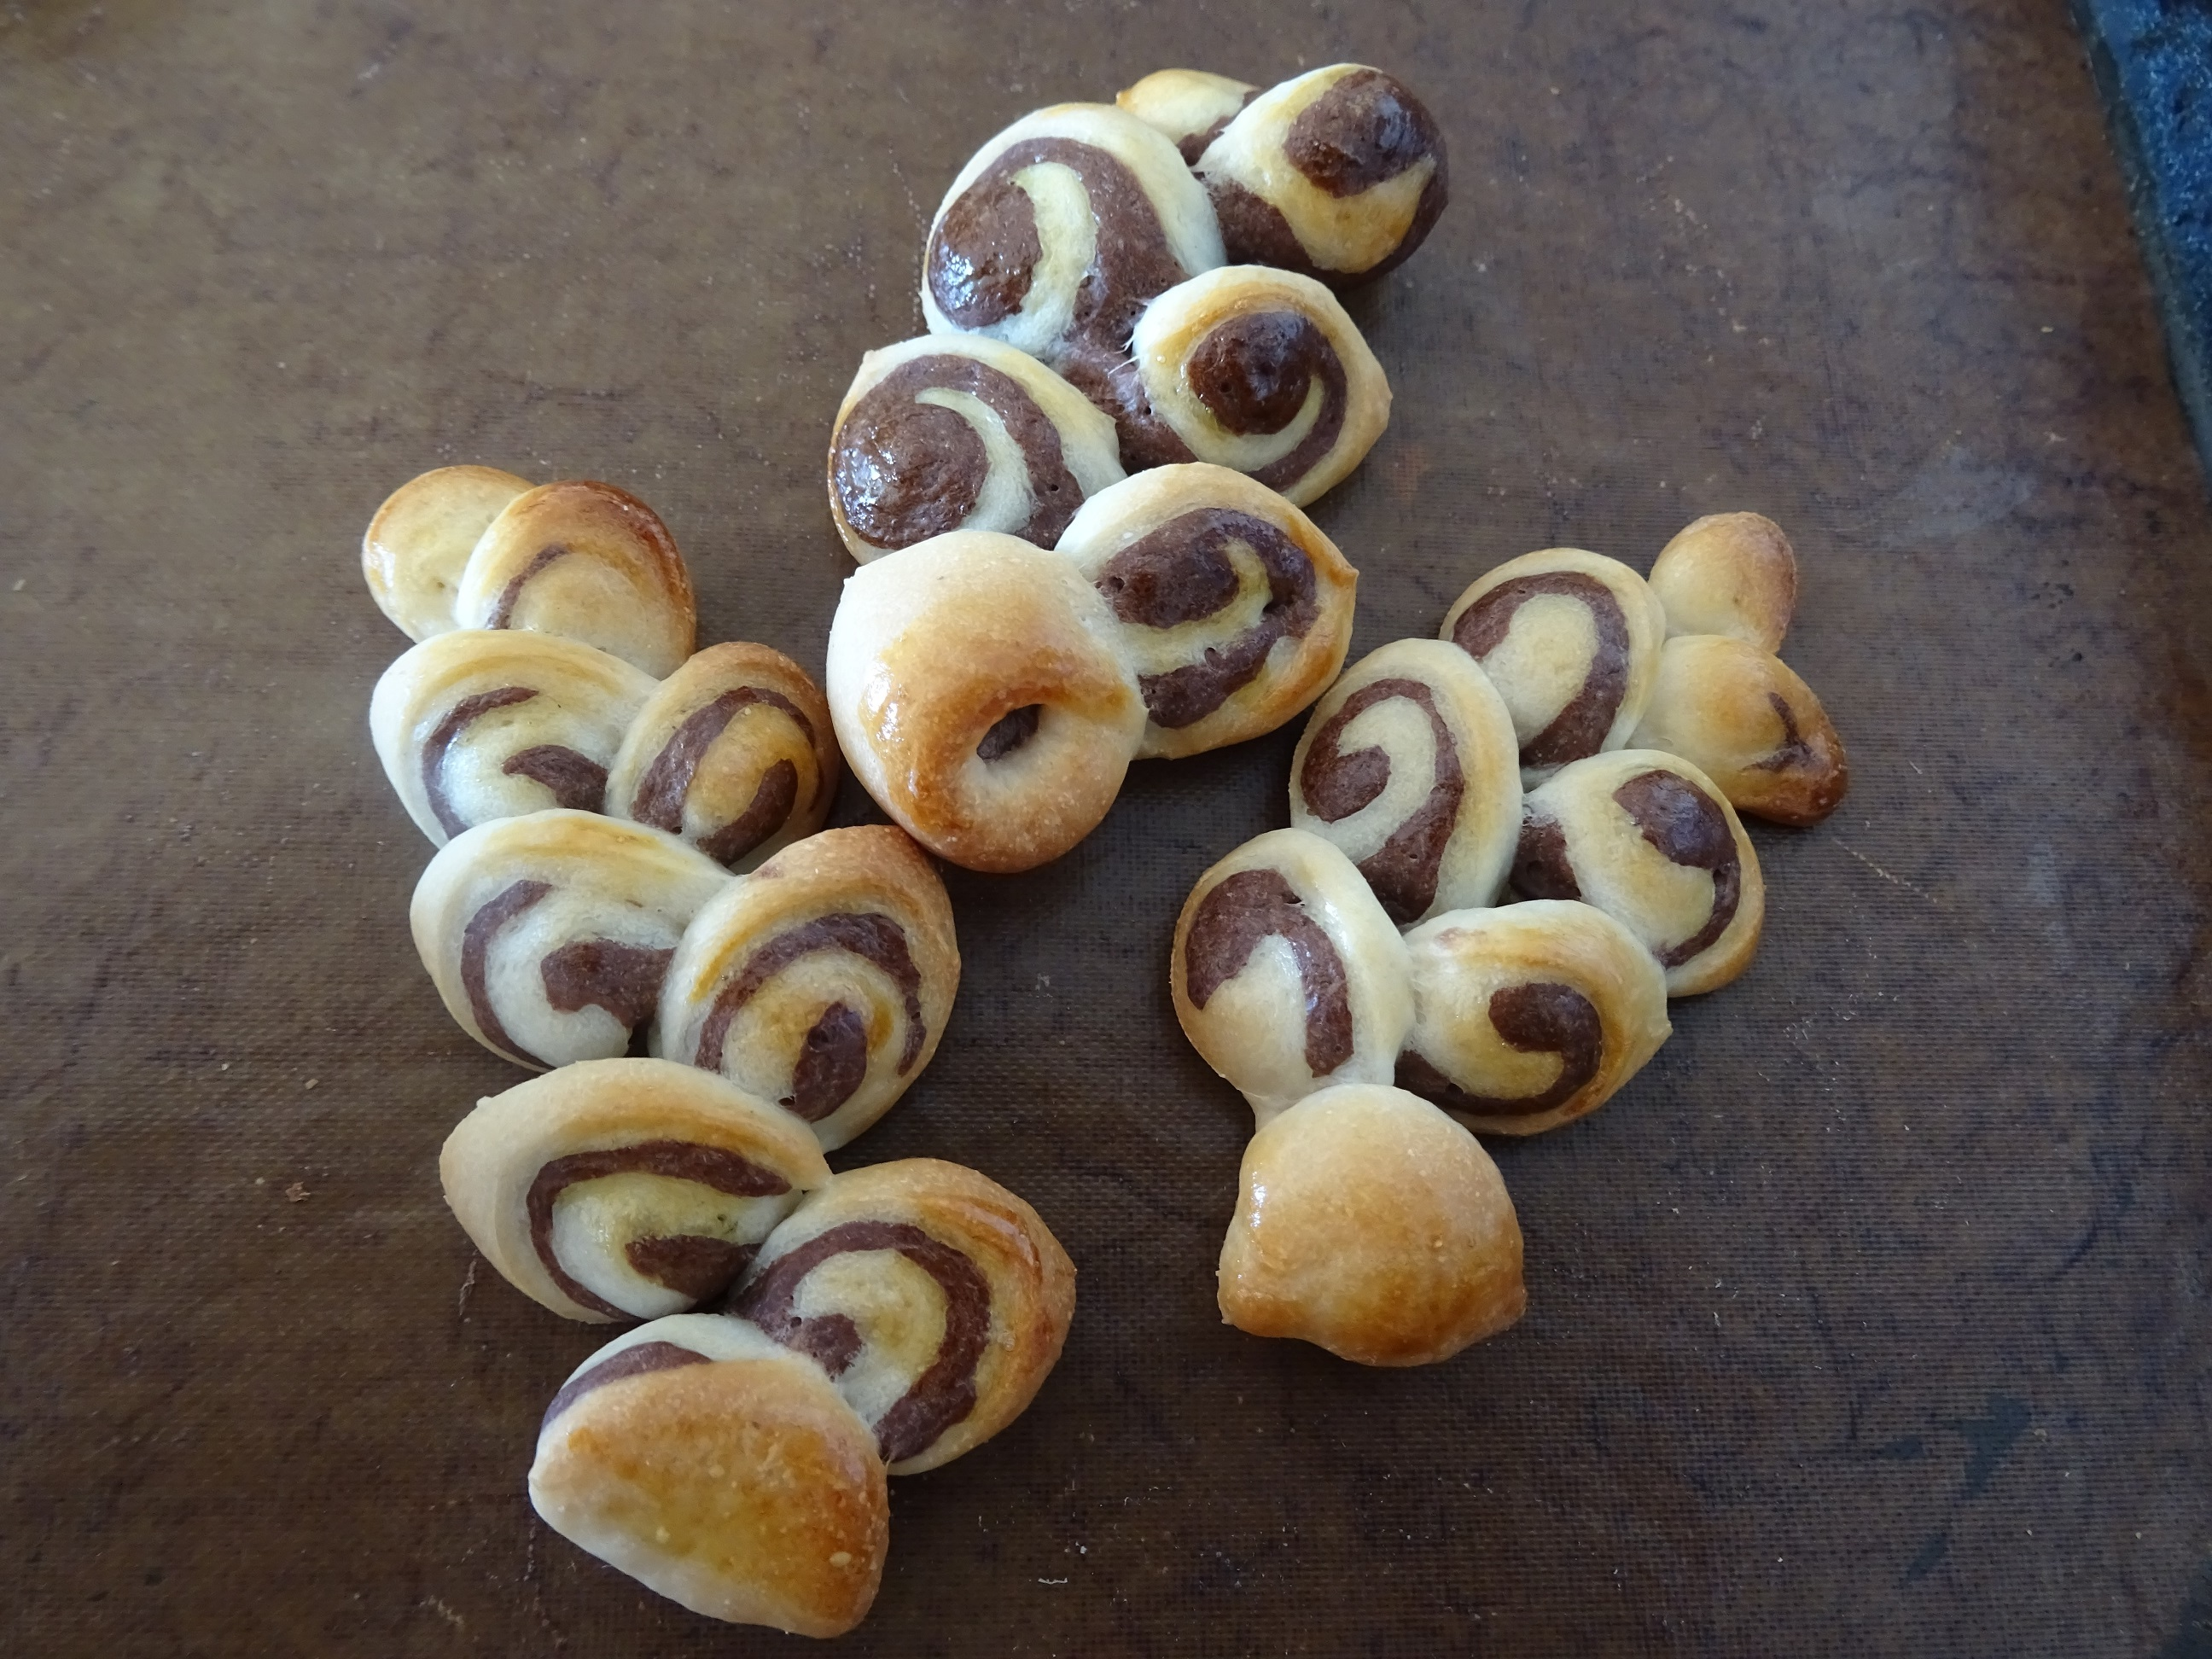 パン生地で作るミニチュア小物7